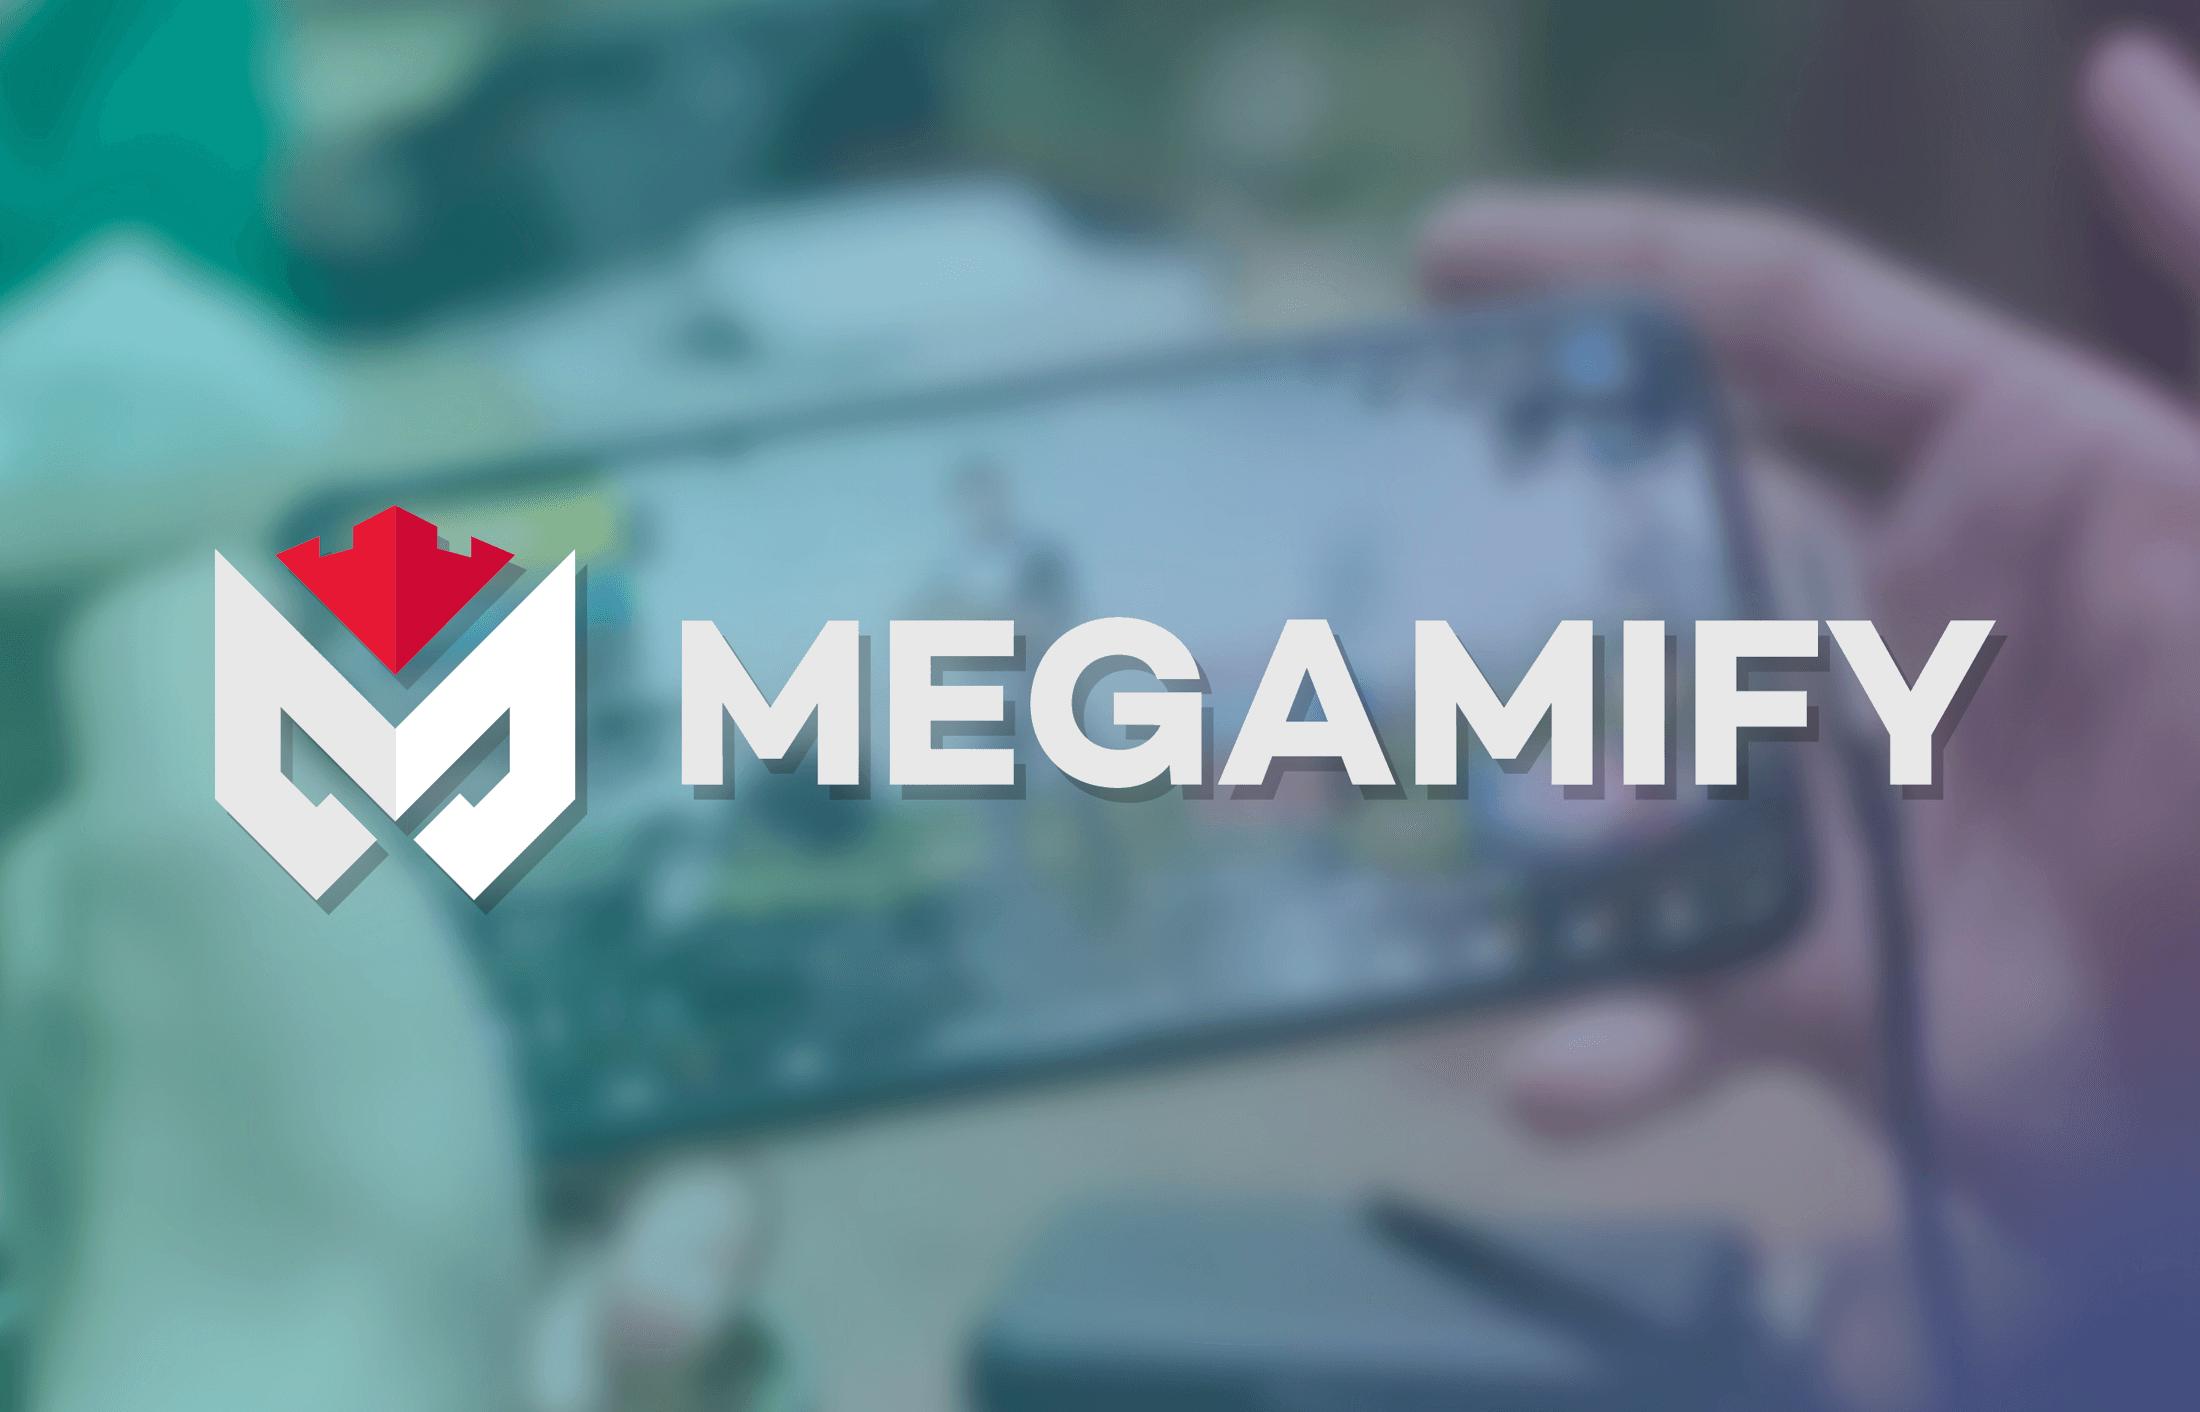 Megamify